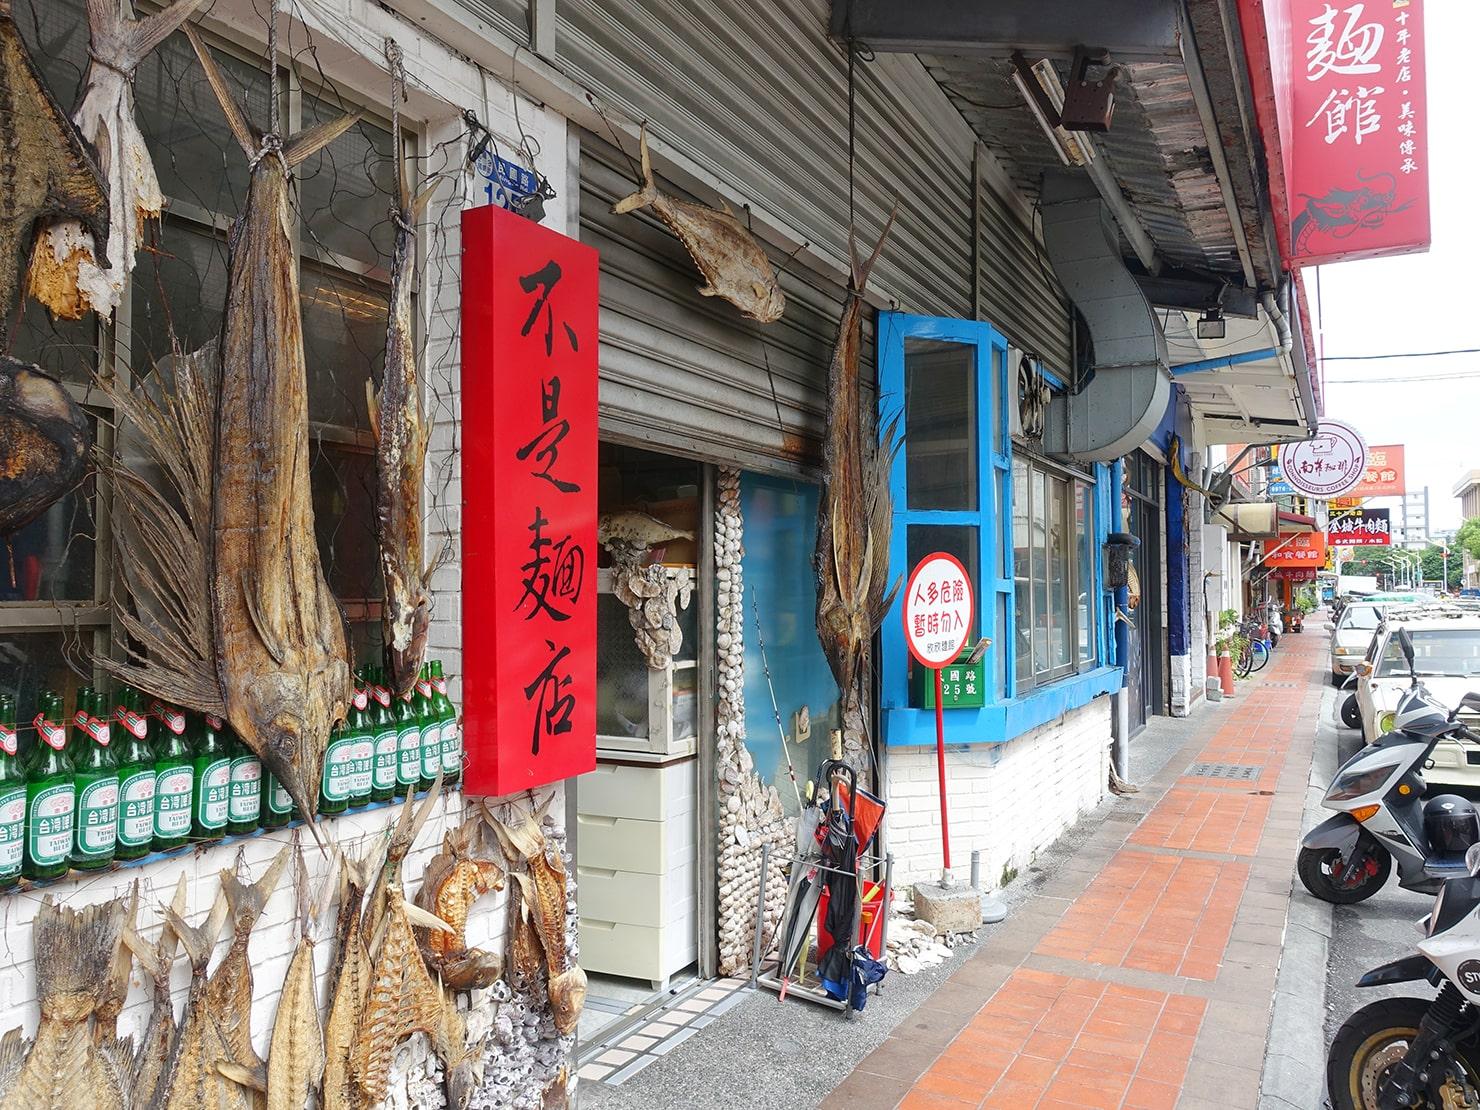 台湾・花蓮のおすすめ観光スポット「民國路」のグルメ店